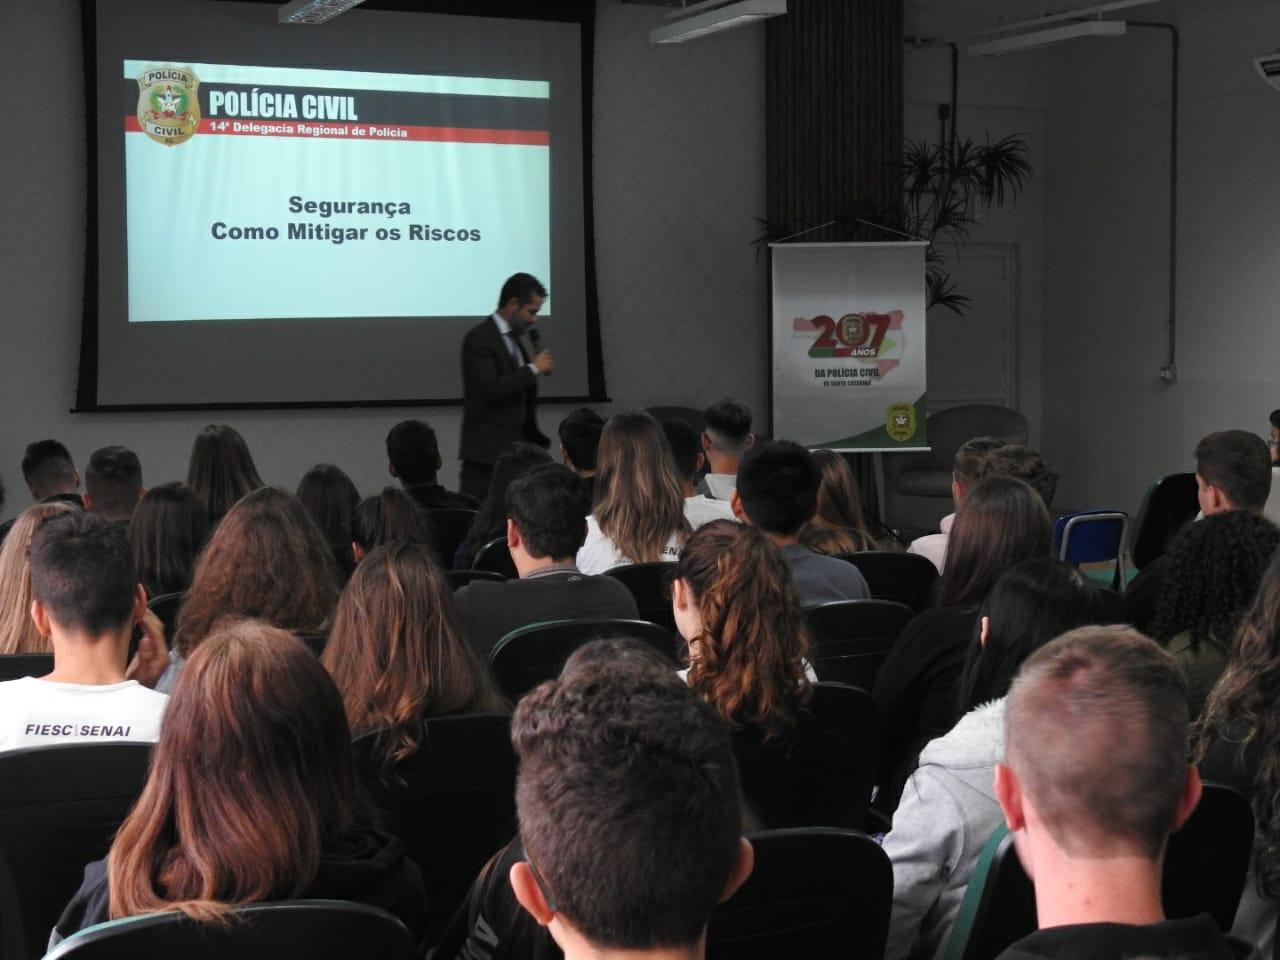 Projeto que trata sobre cultura da segurança é desenvolvido pela Polícia Civil nas escolas